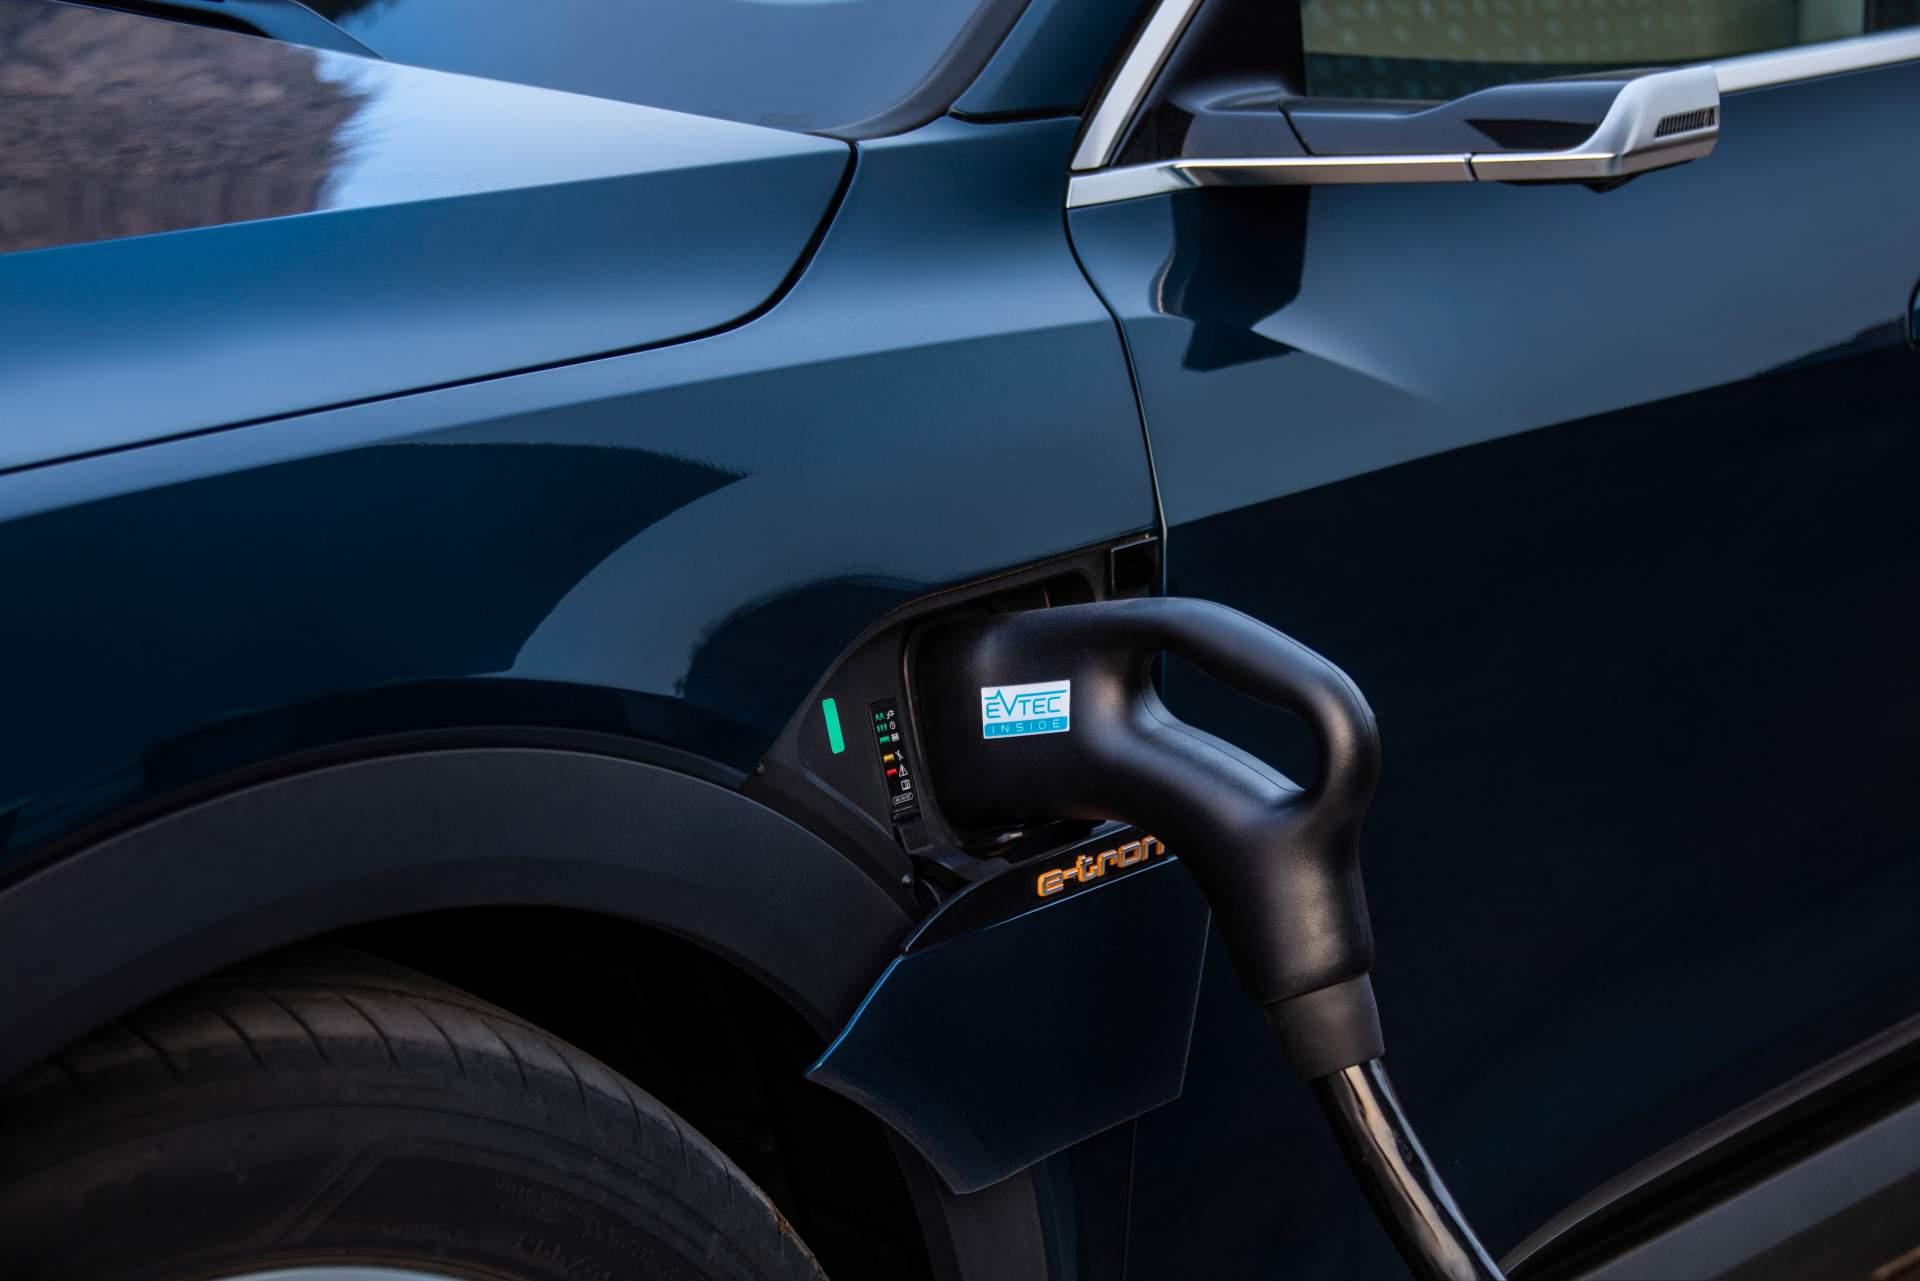 Audi E Tron 2020 Suv Electrico (18)